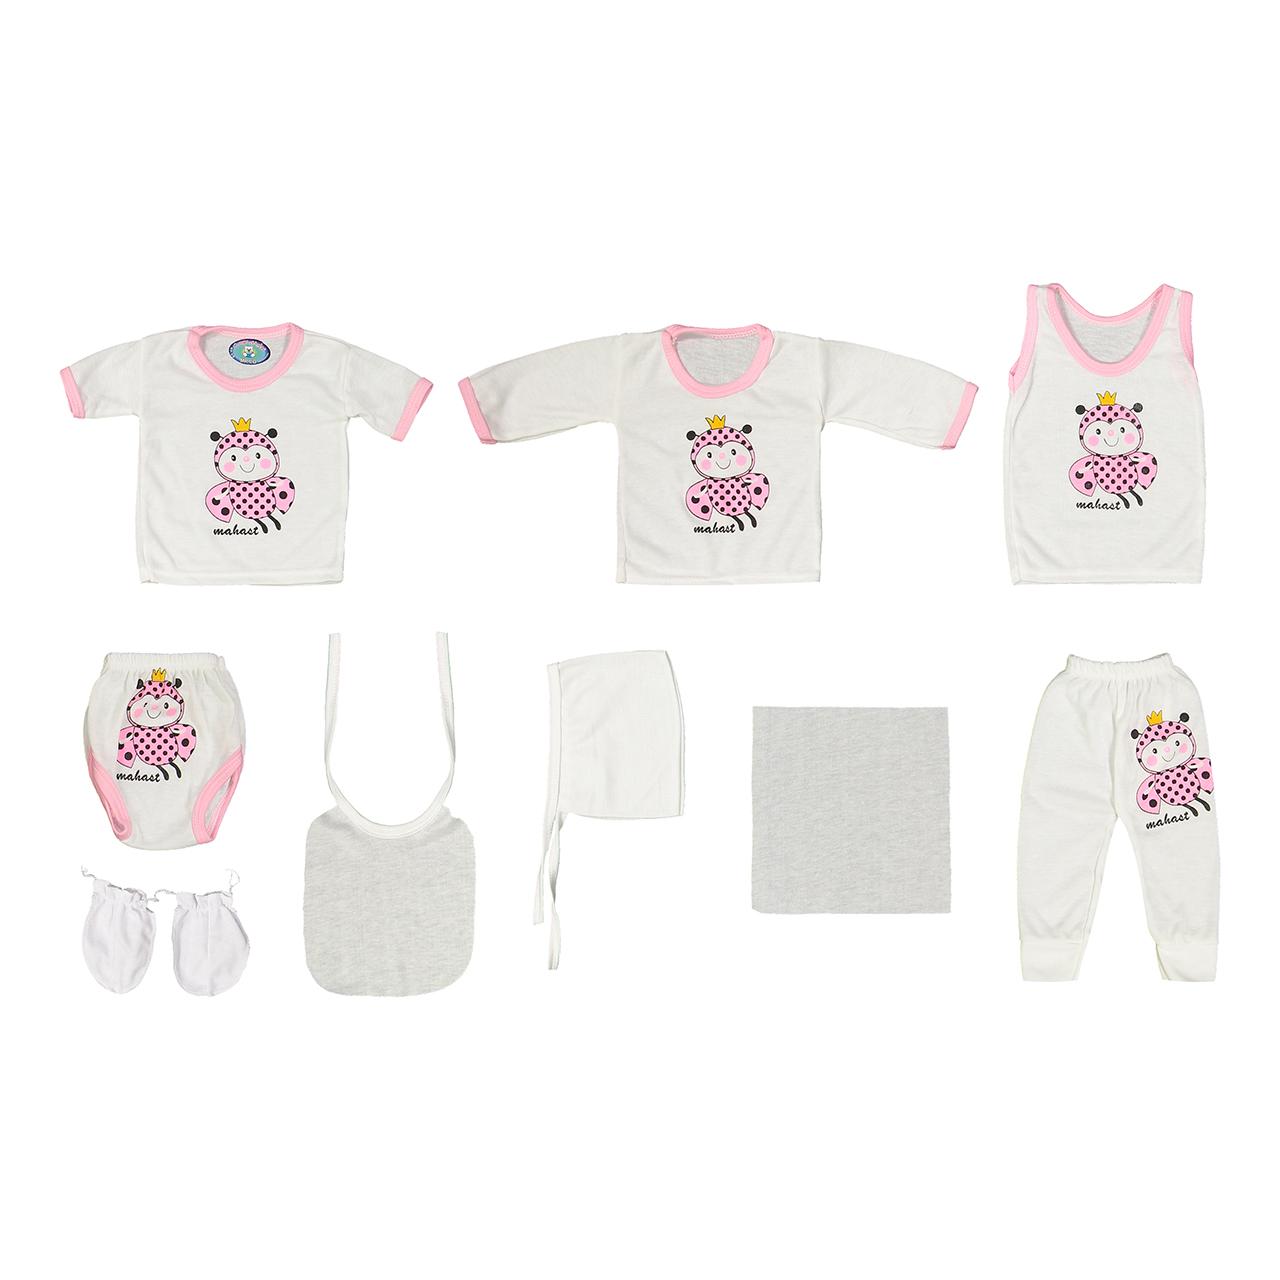 ست 10 تکه لباس نوزادی مهست طرح زنبور کد SU |